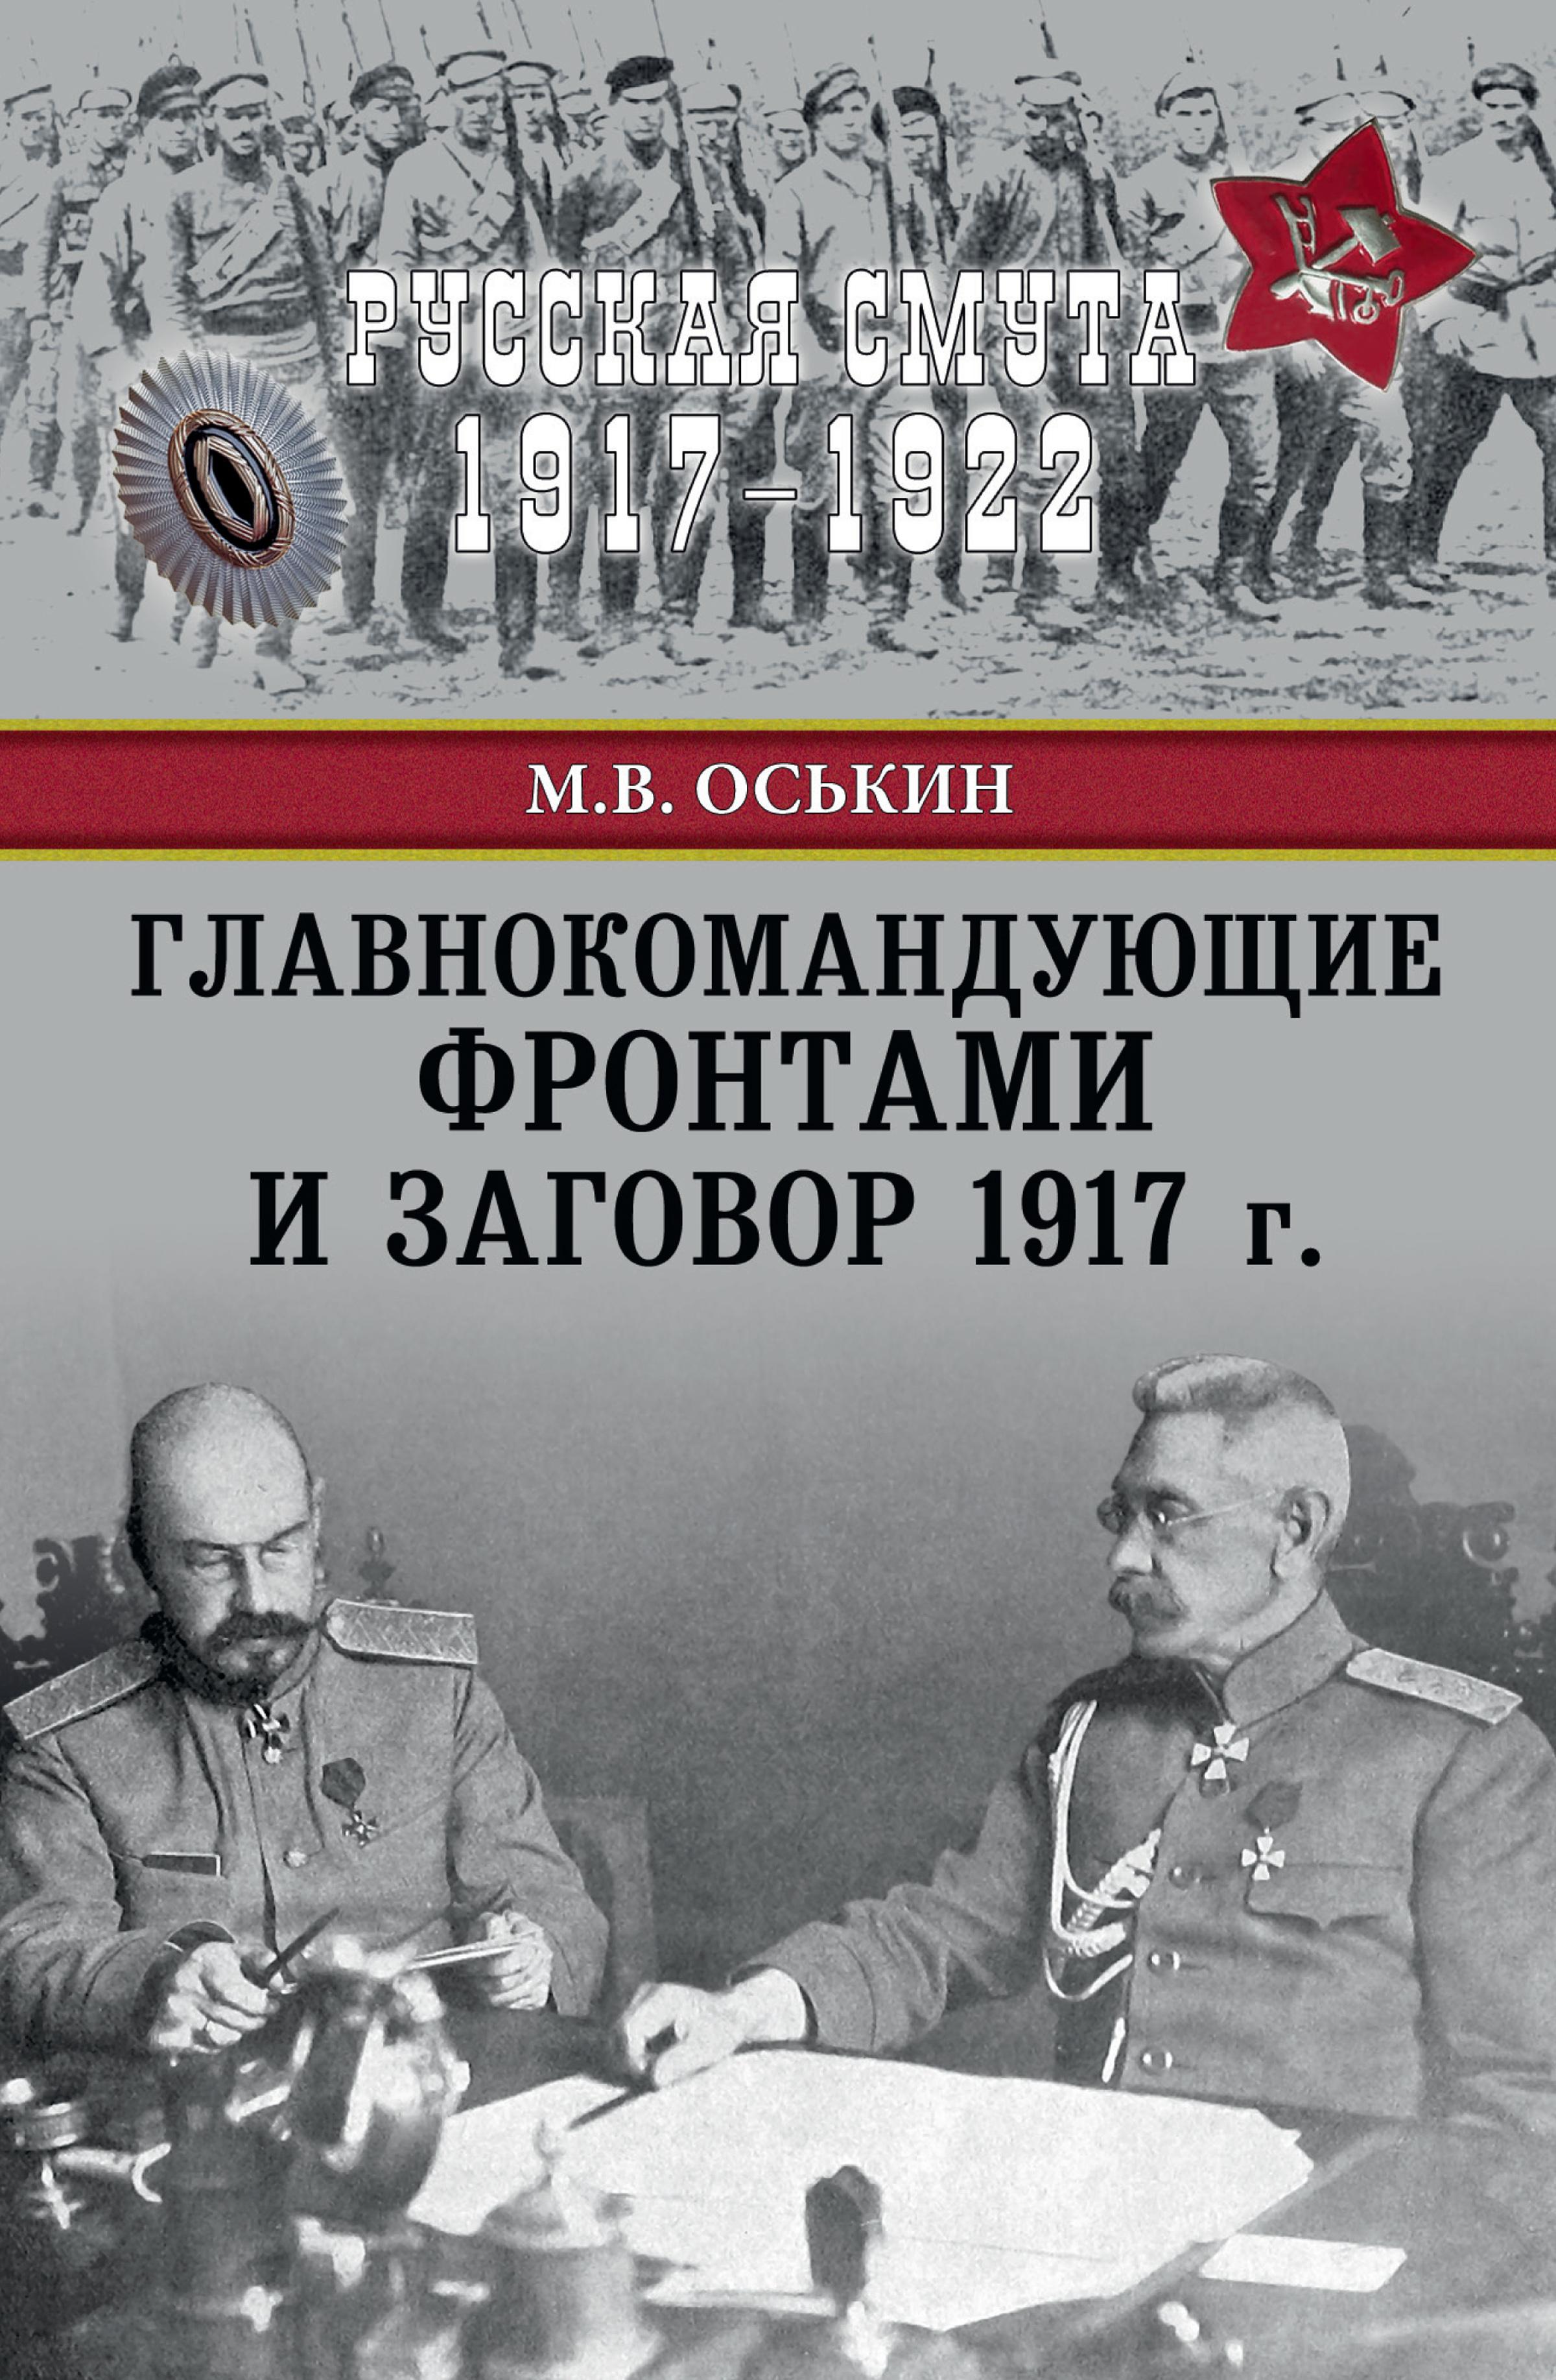 М. В. Оськин Главнокомандующие фронтами и заговор 1917 г. м в оськин главнокомандующие фронтами и заговор 1917 года